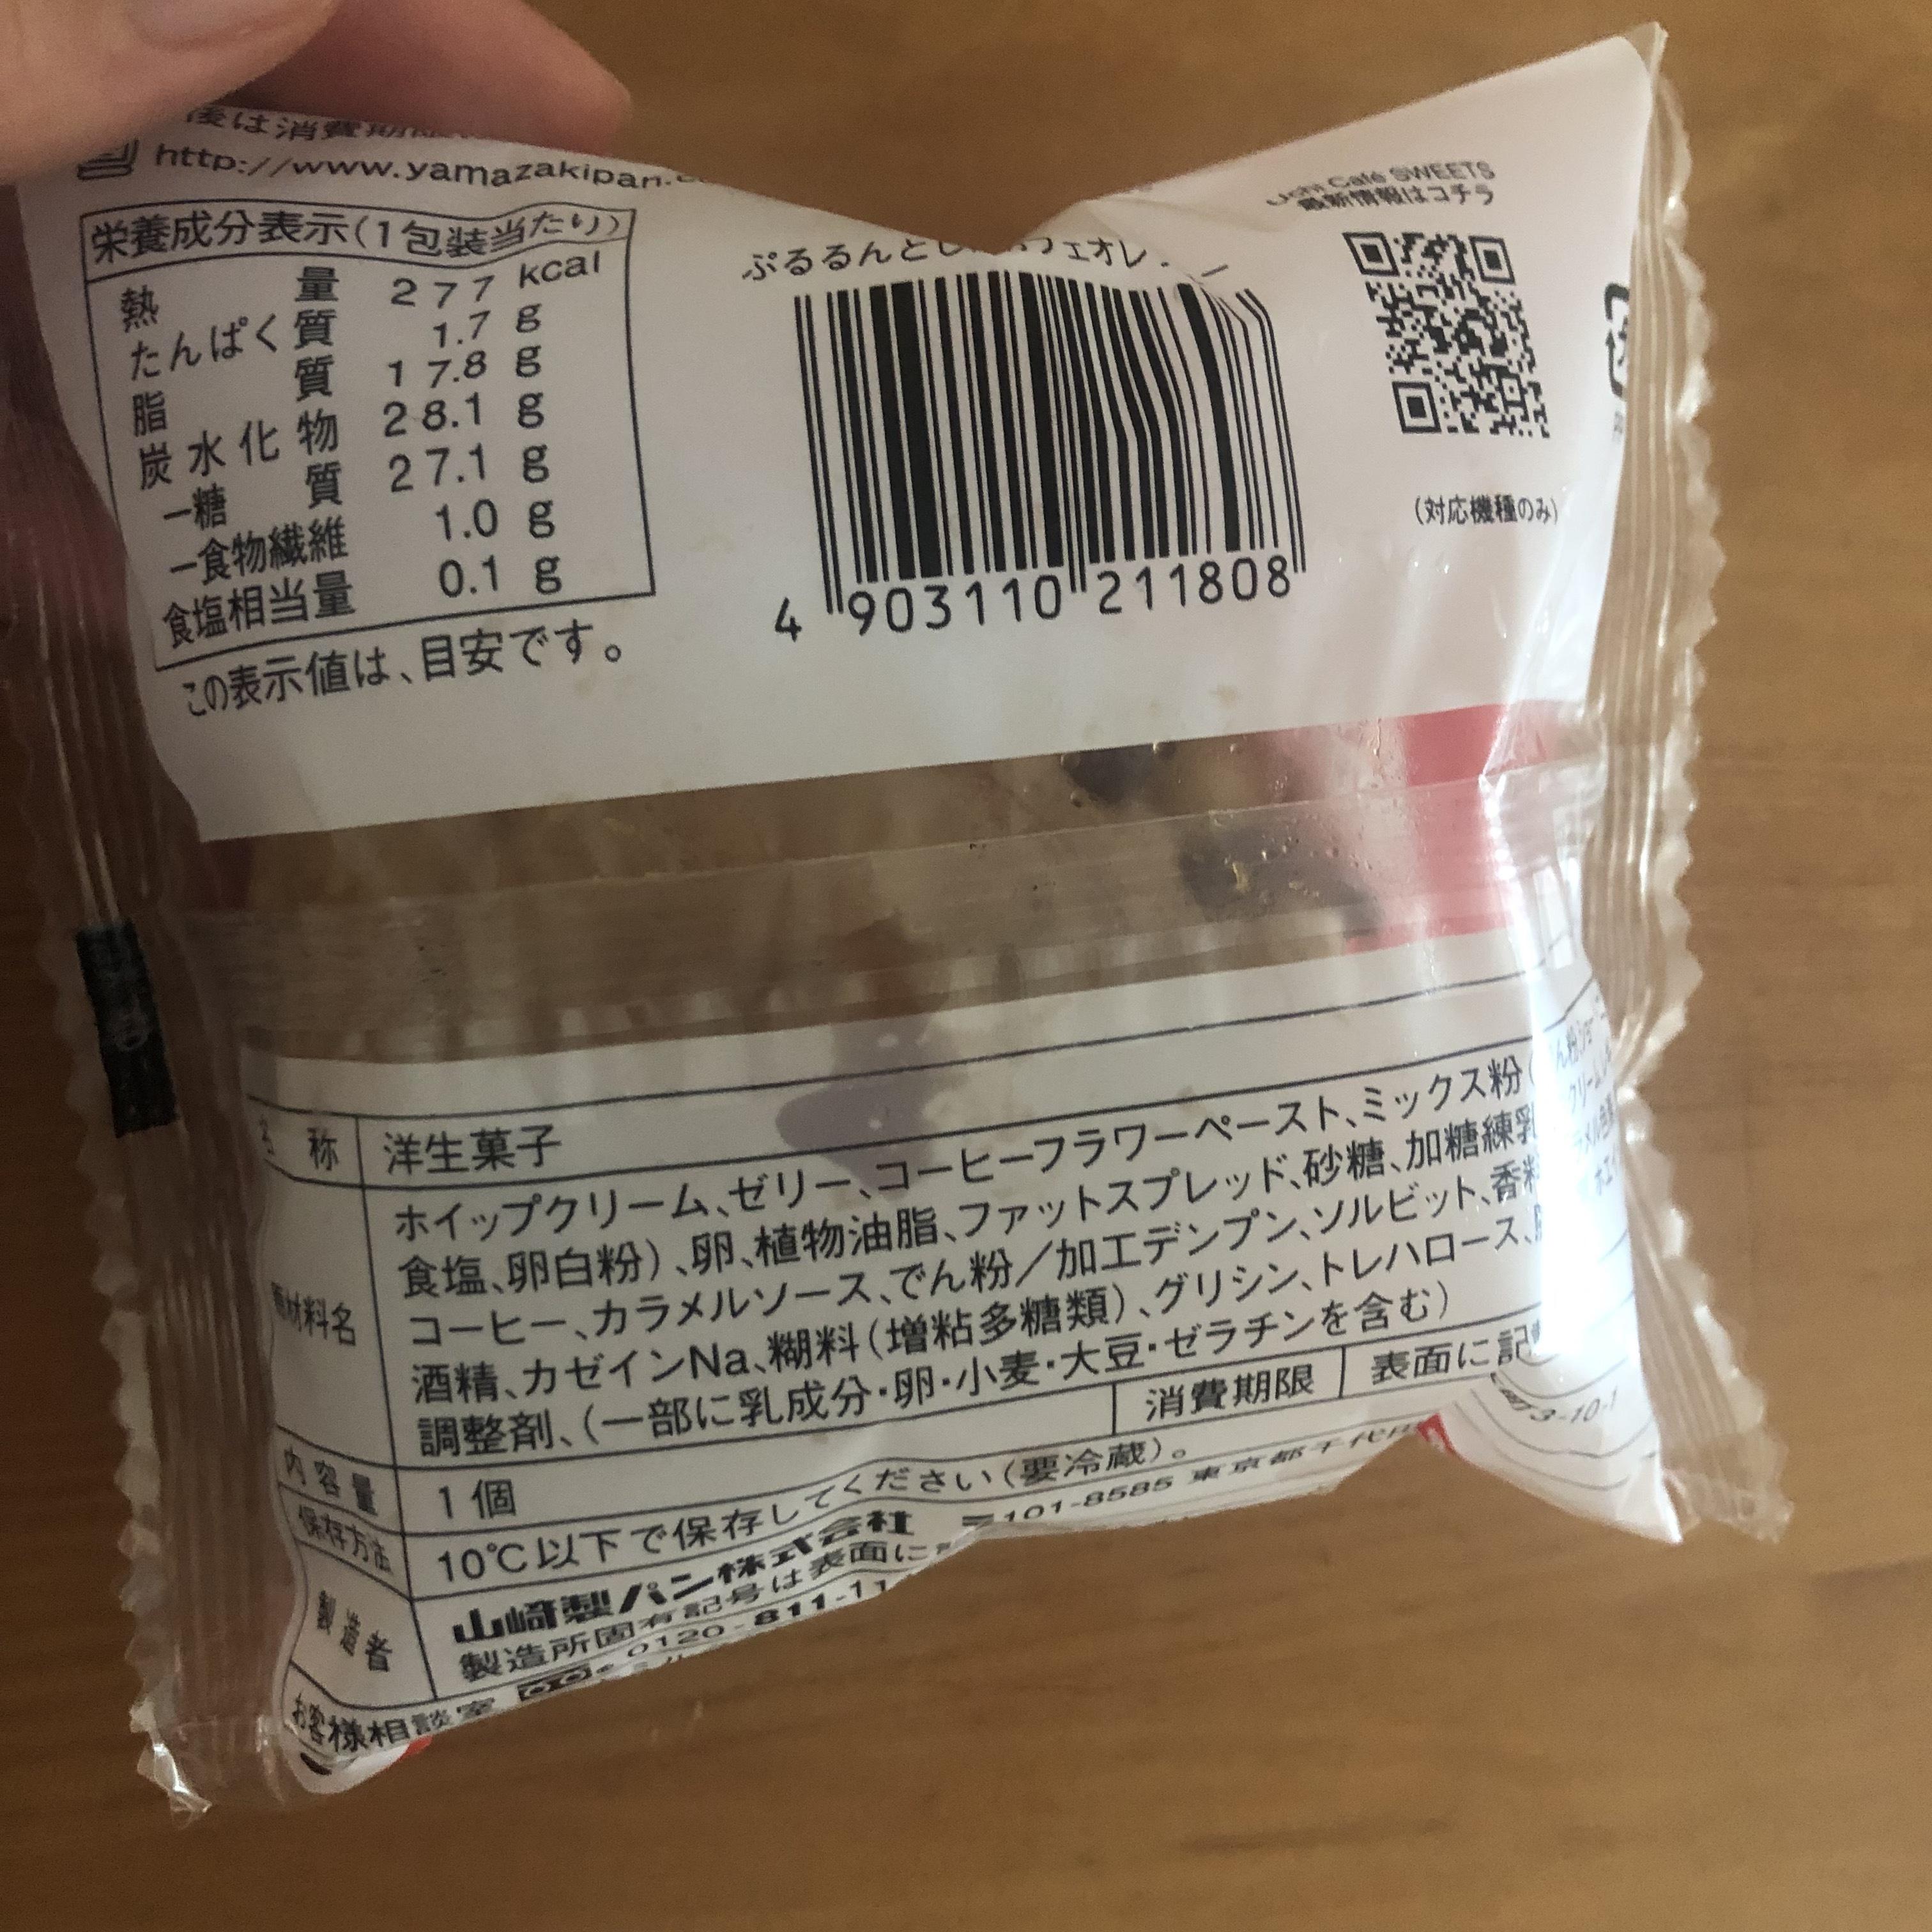 【LAWSON】プルルン新食感シュークリーム!?_1_1-3